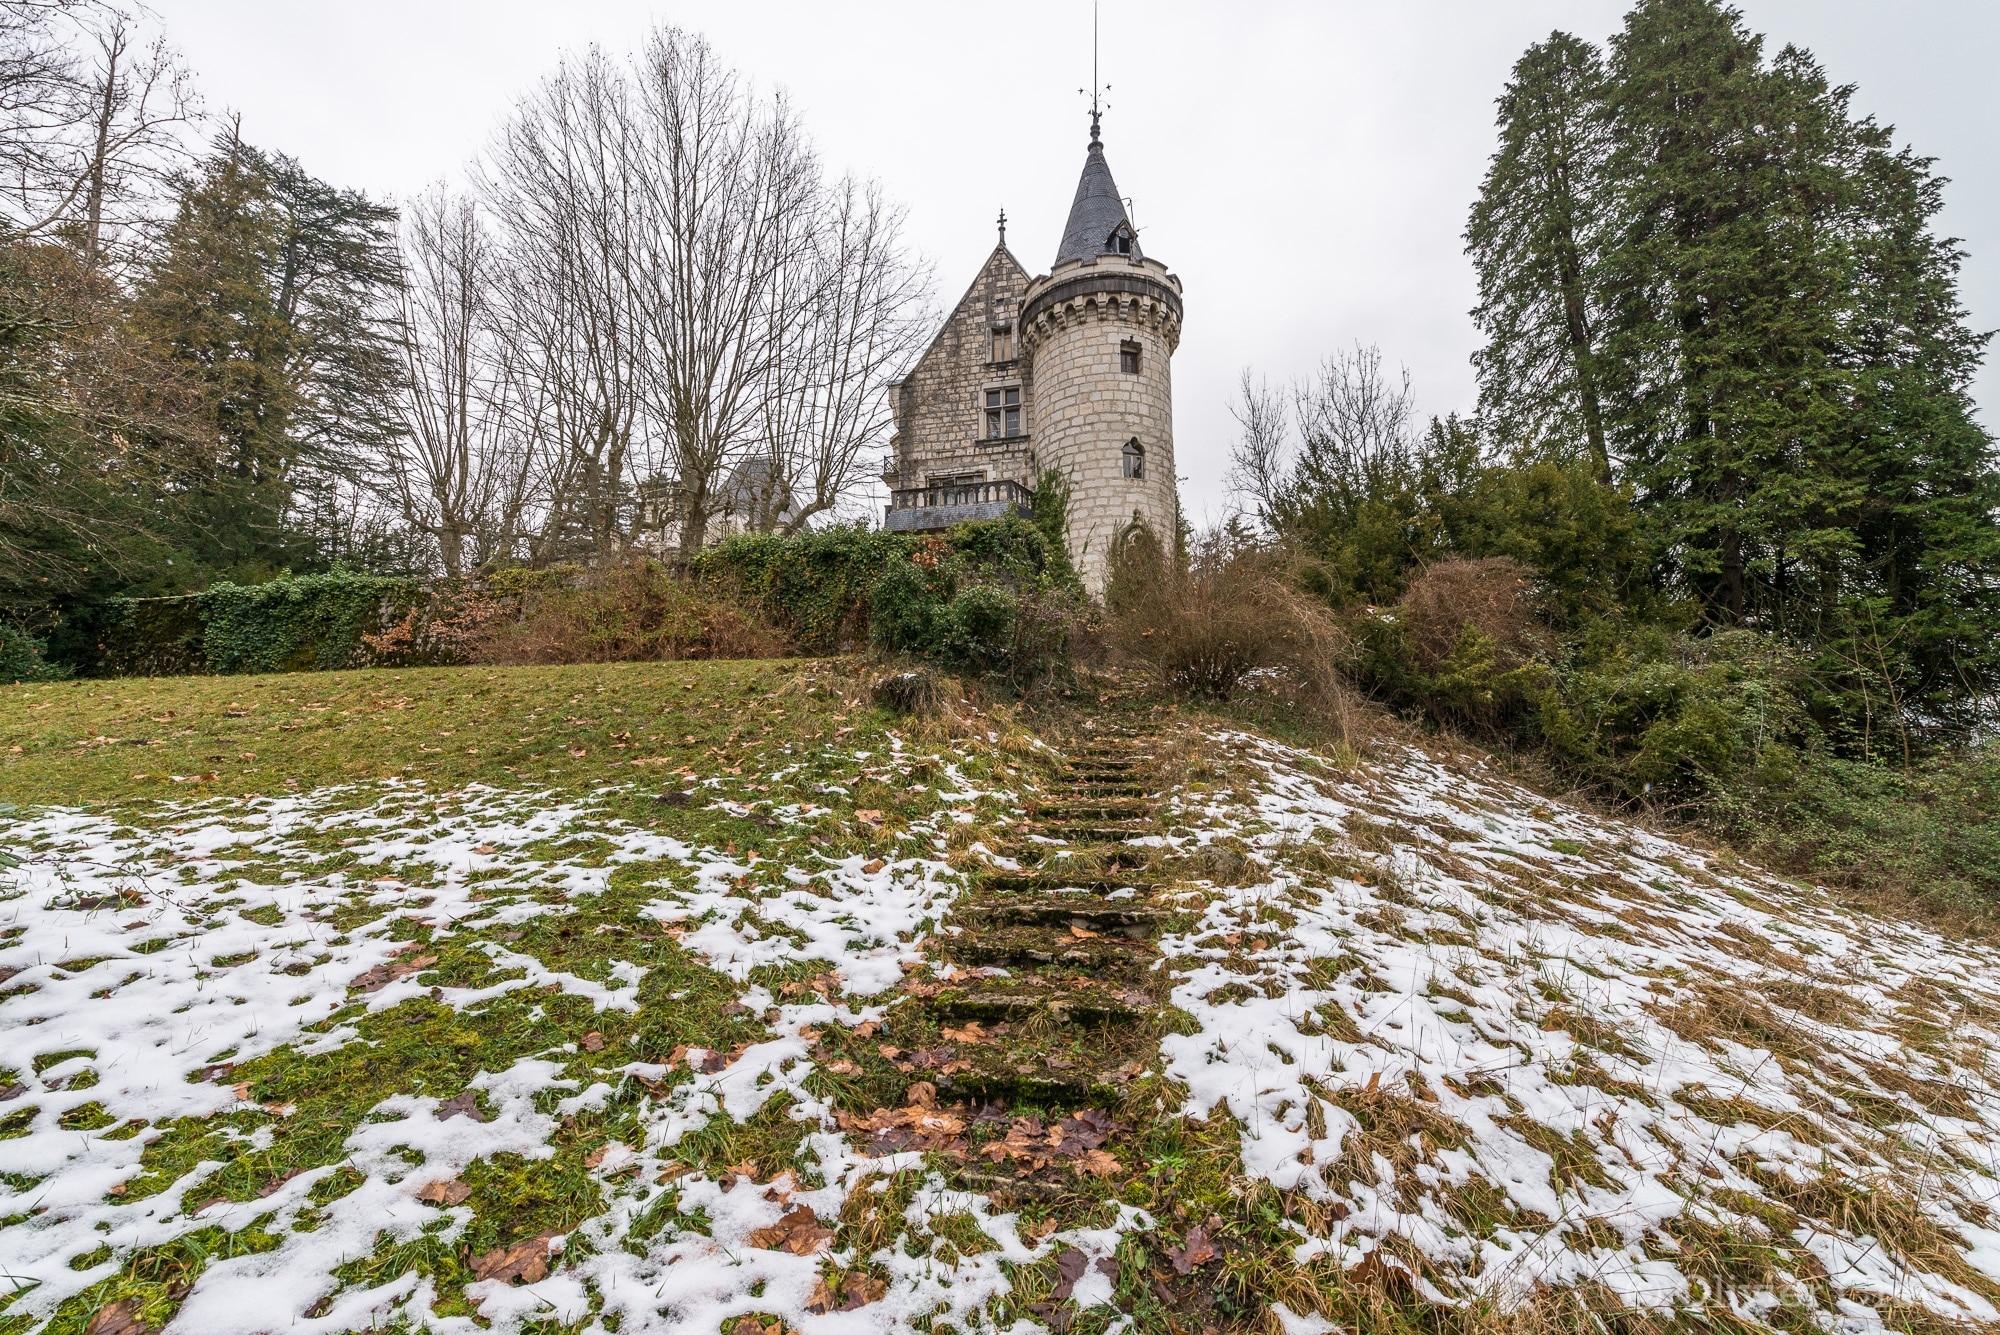 Chateau du chevalier - Un regard par dessus l'épaule en partant... Snif